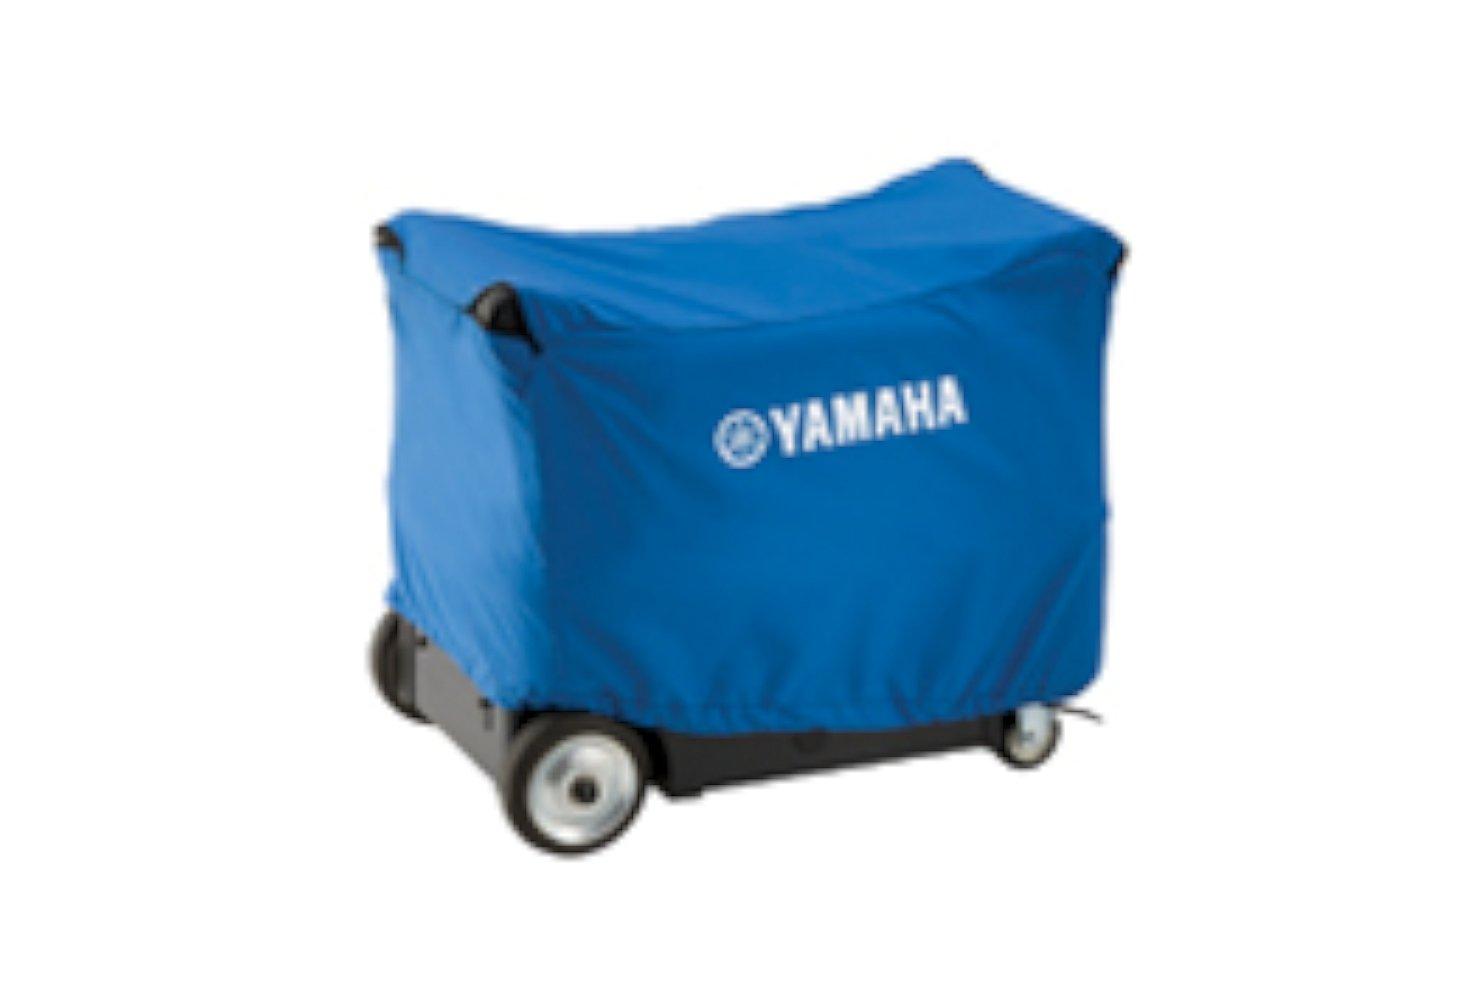 Amazon.com: Yamaha Generador carcasa para: Jardín y Exteriores